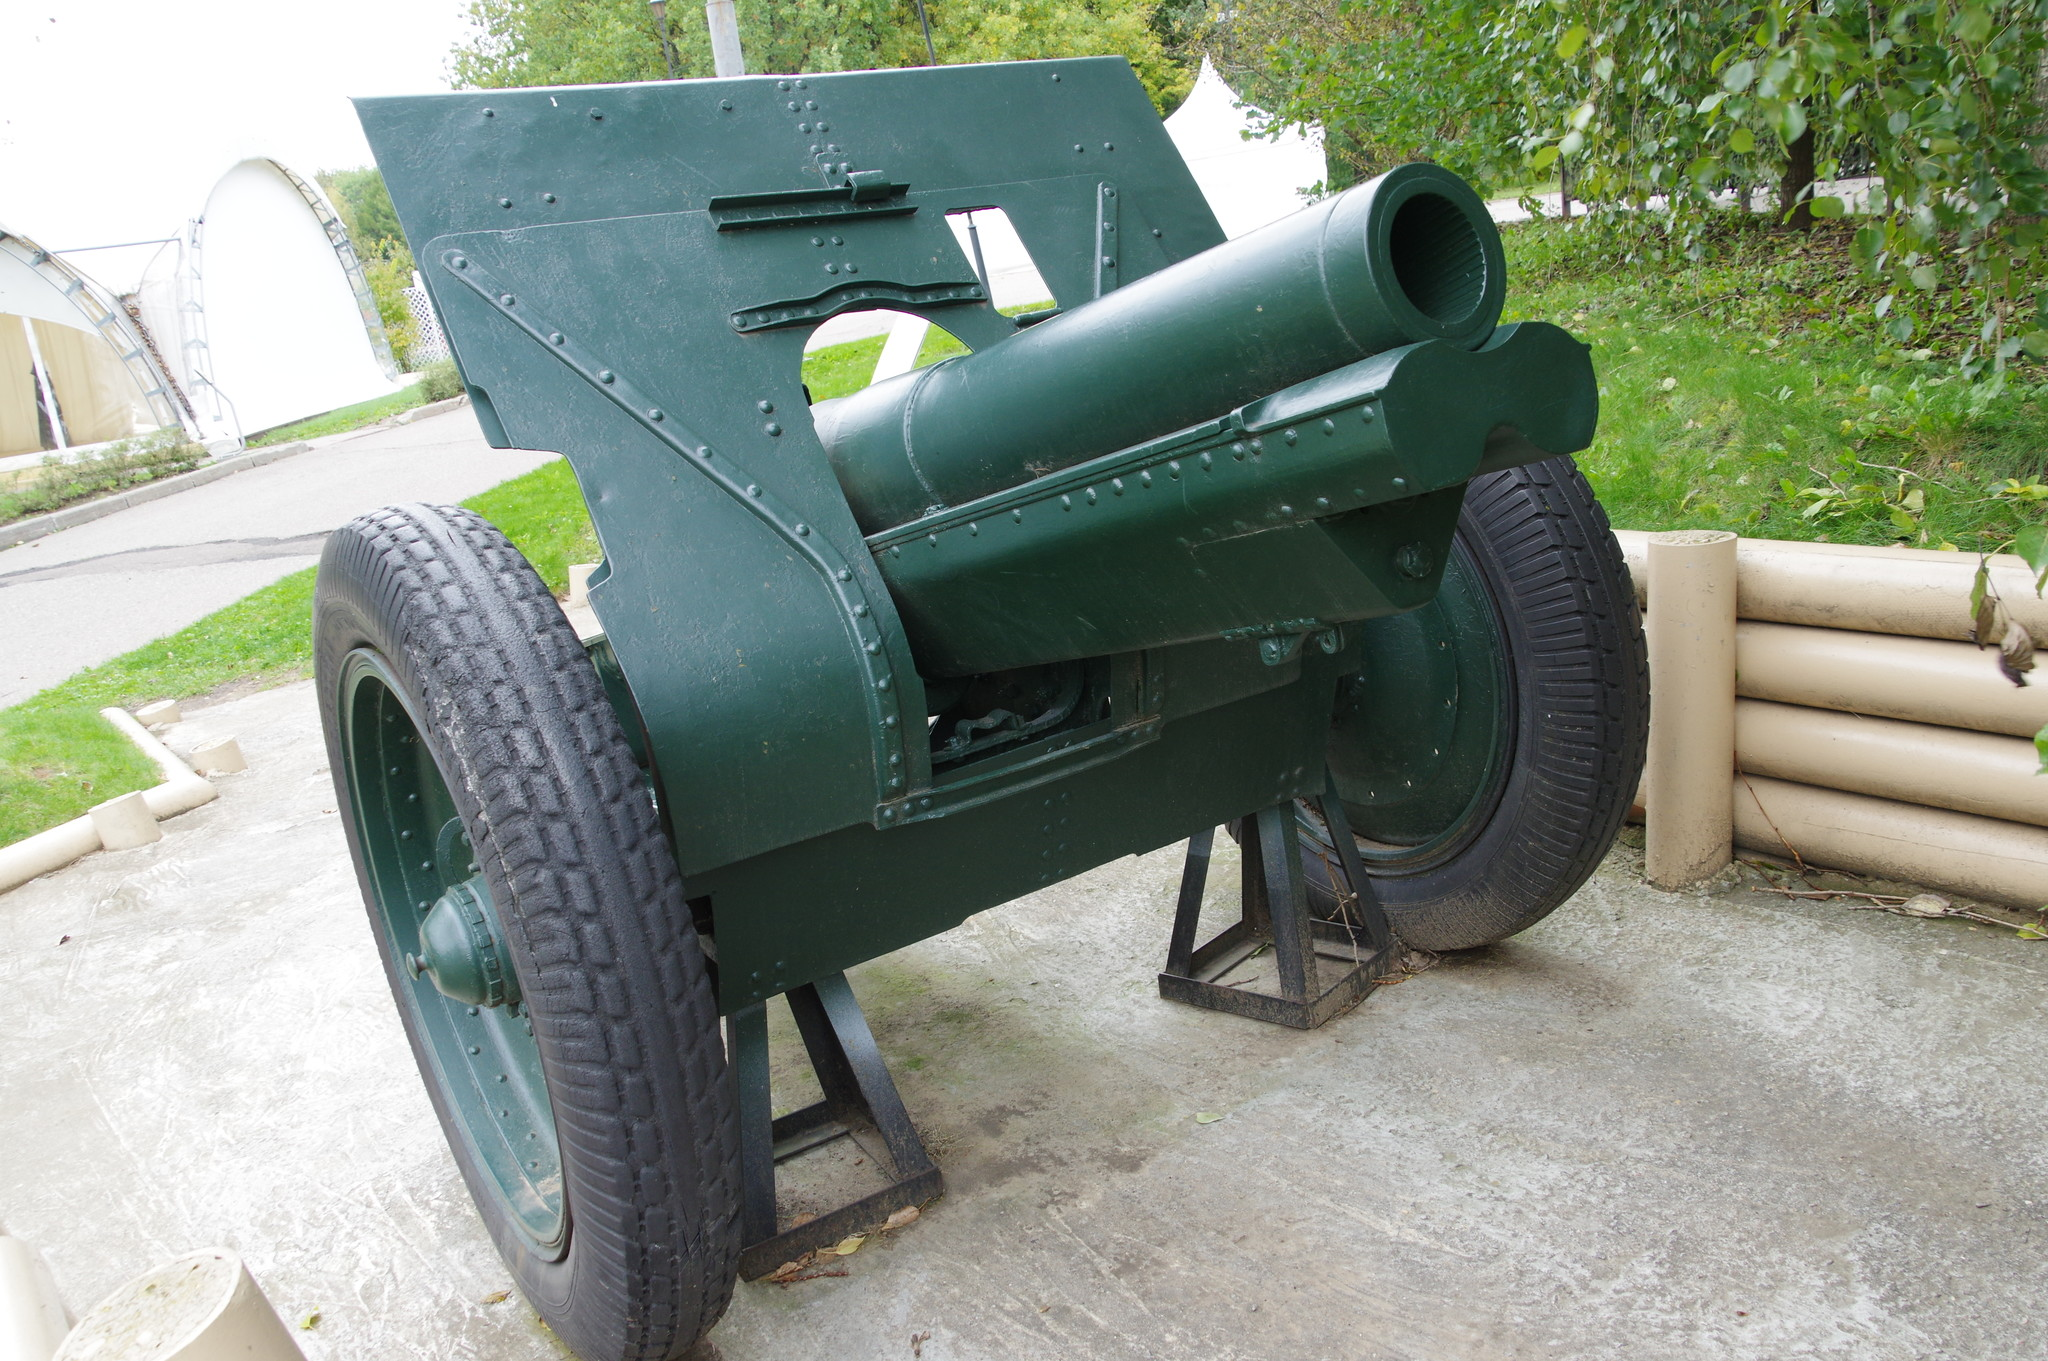 122-мм гаубица образца 1910/30 годов в экспозиции Центрального музея Великой Отечественной войны 1941-1945 гг.